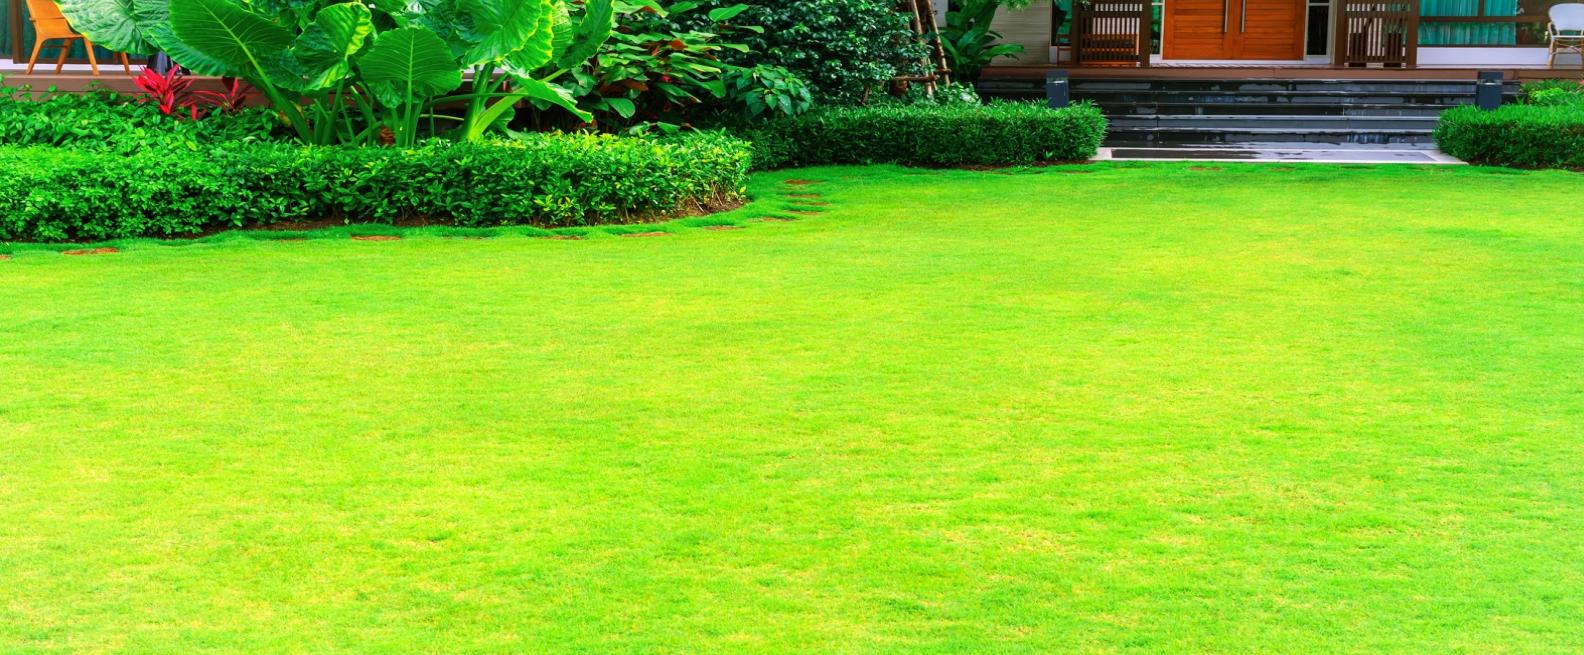 Lawn Care Turfgr Garden